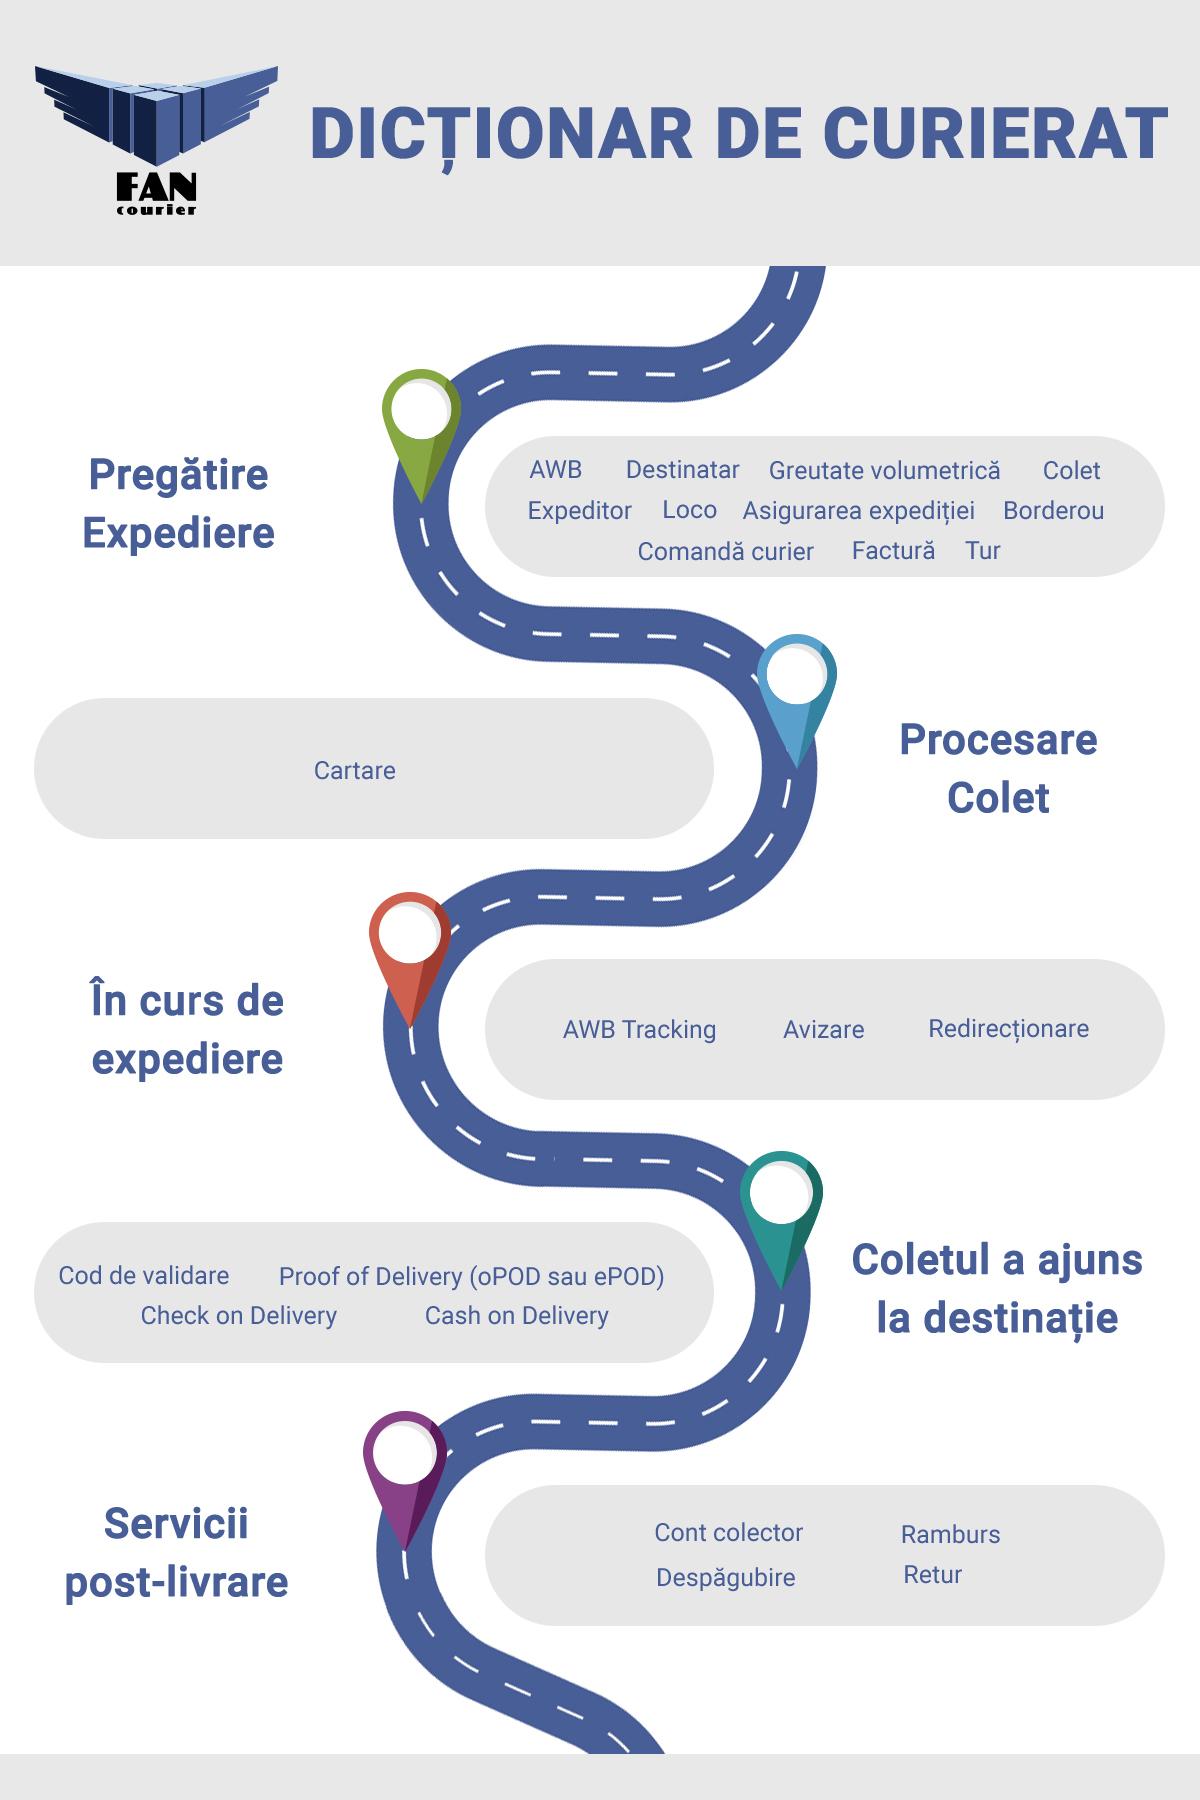 infografic-fan-2